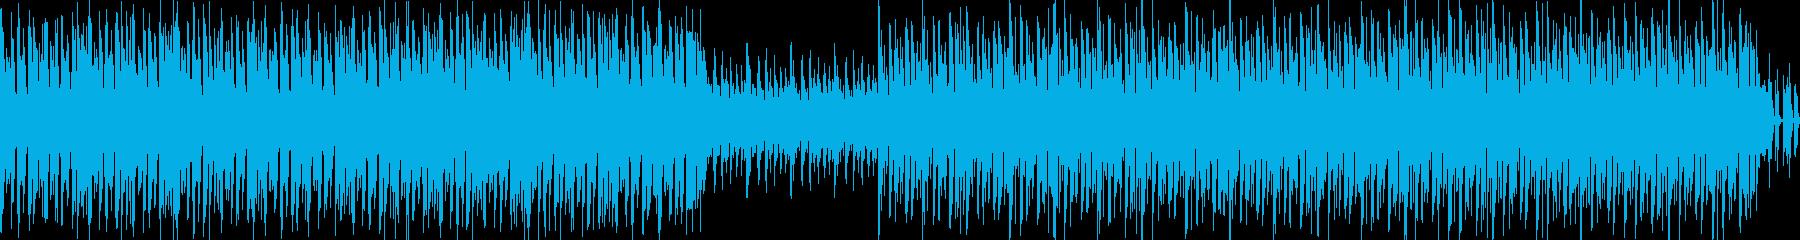 古いアクションゲームのBGMのような曲の再生済みの波形